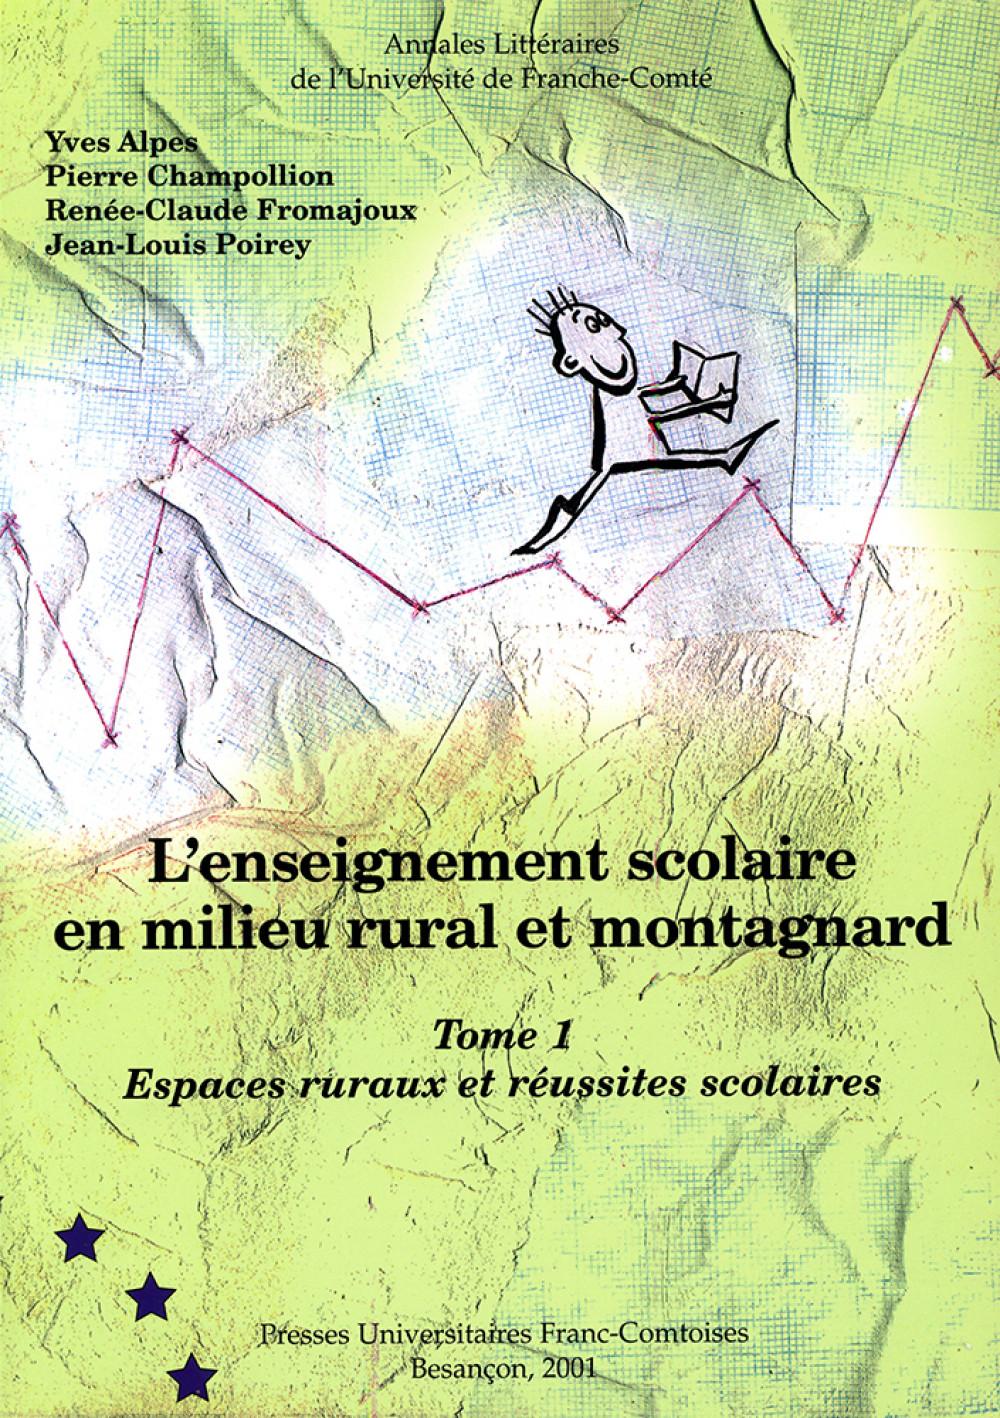 L'enseignement scolaire en milieu rural et montagnard - Tome1